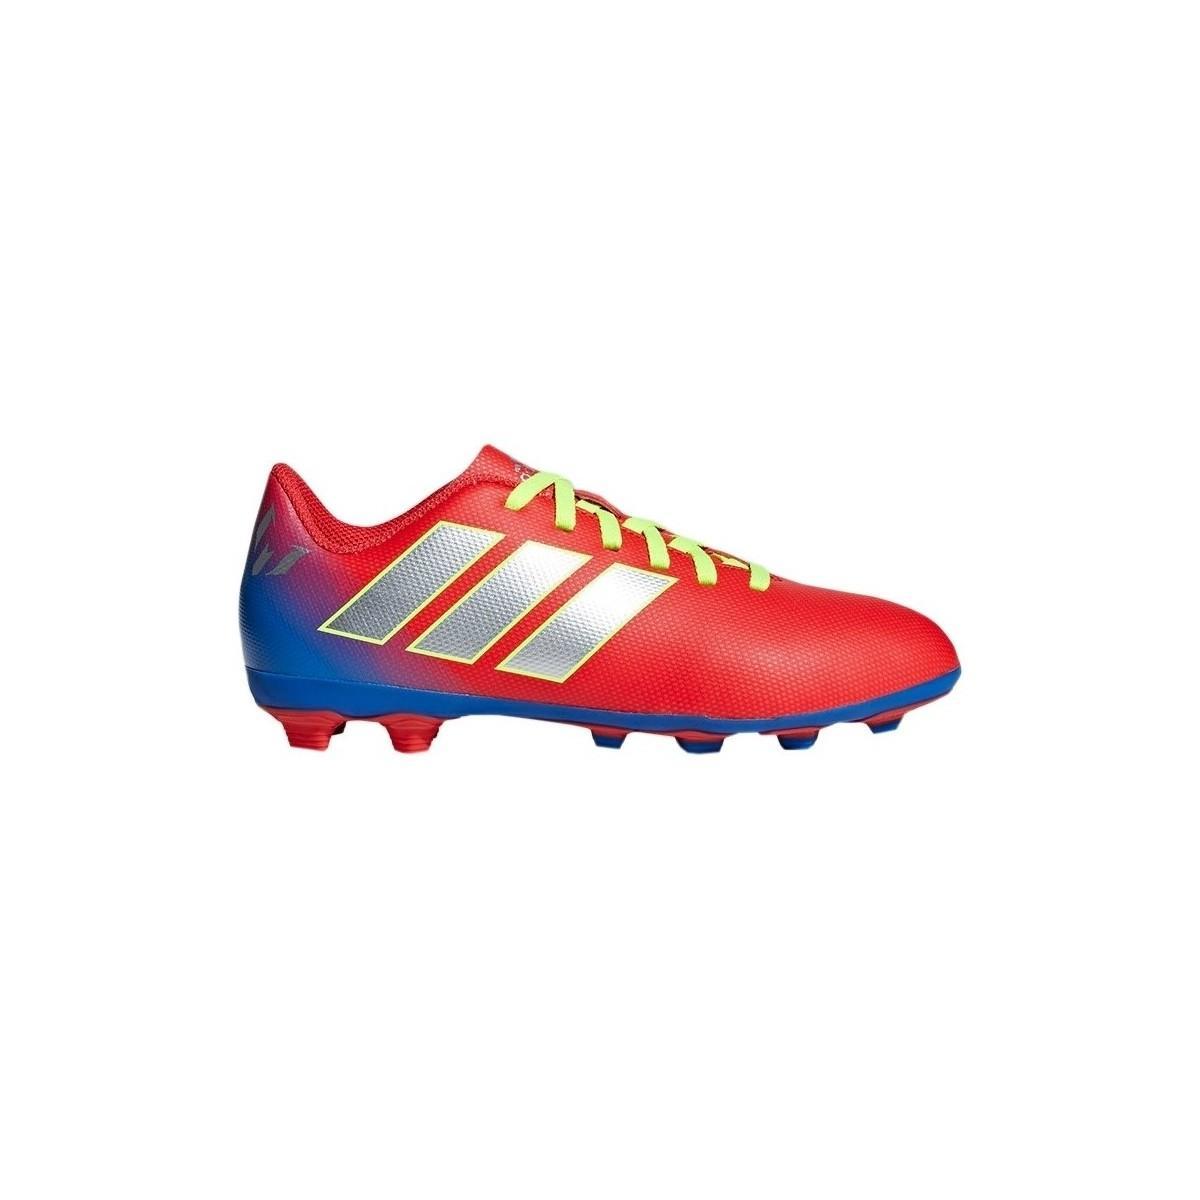 reputable site 19777 8bf41 adidas. Men s Red Nemeziz Messi 184 Girls s In Multicolour